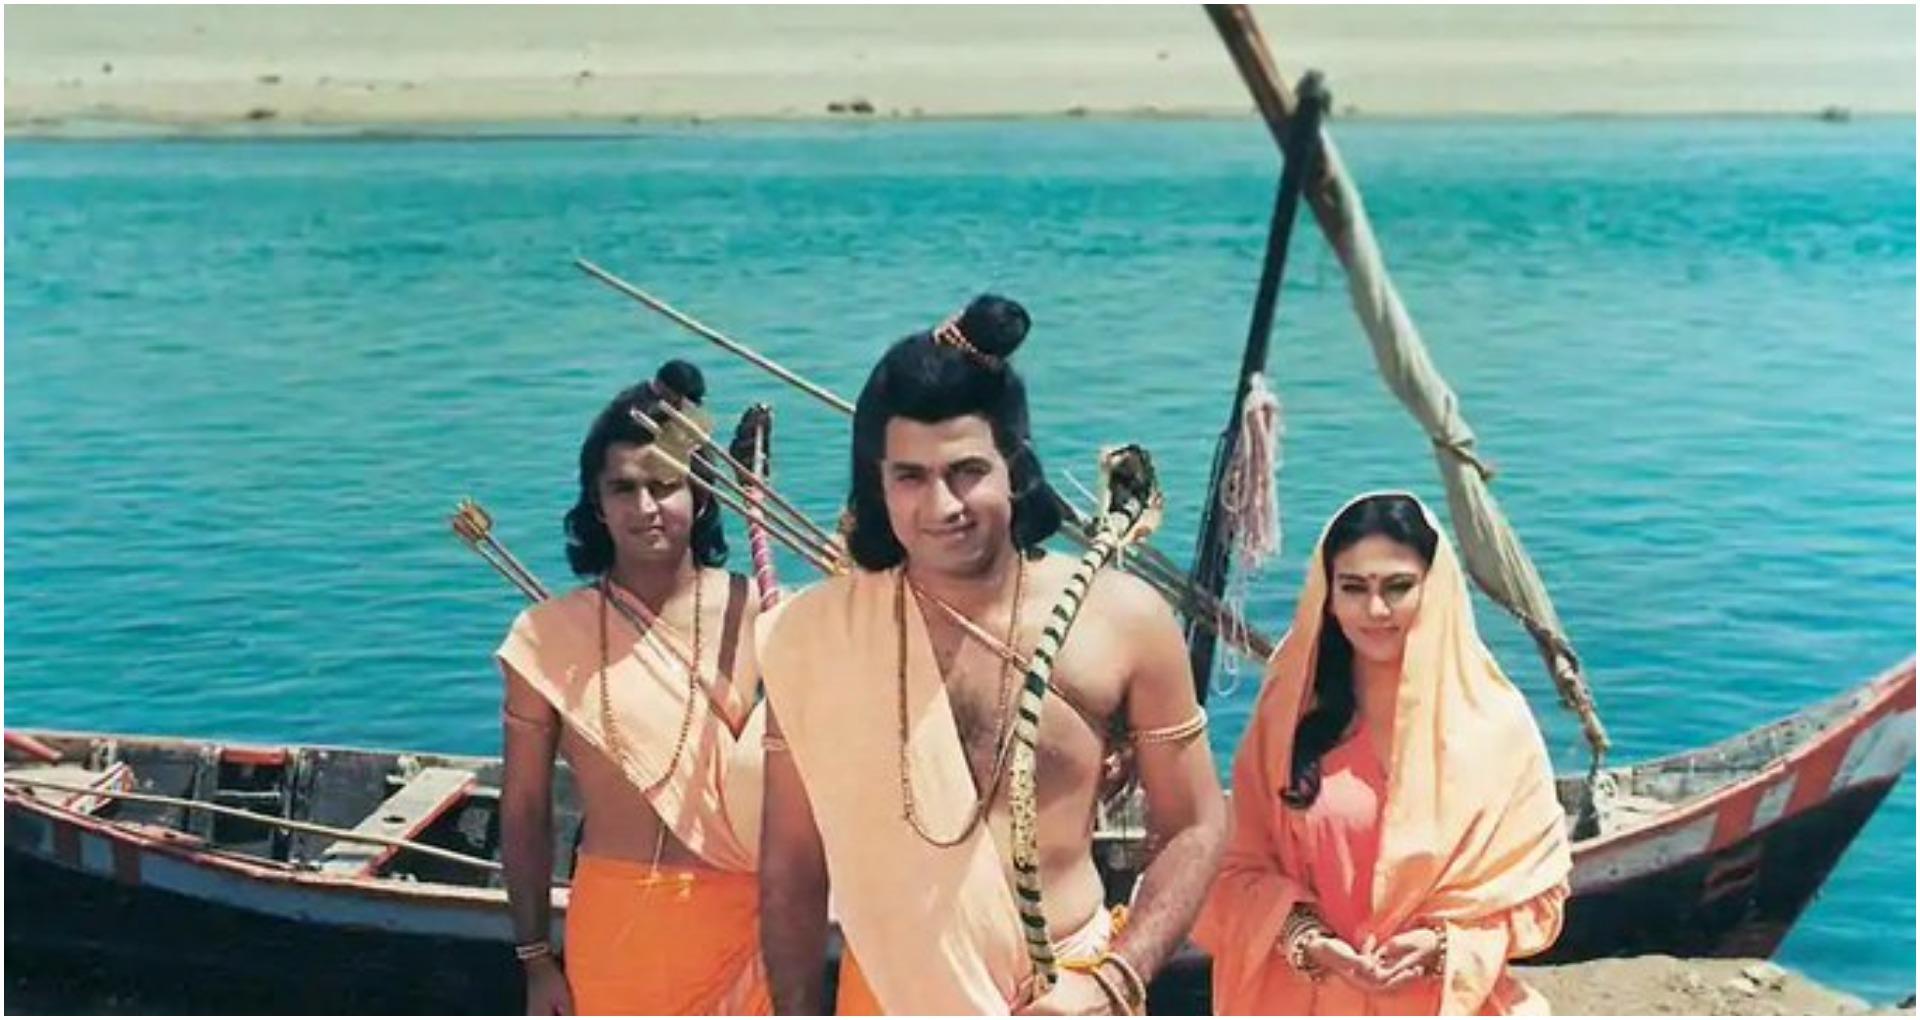 'रामायण' ने 33 साल बाद बनाया विश्व रिकॉर्ड, बना दुनिया में सबसे ज्यादा देखा जाने वाला प्रोग्राम